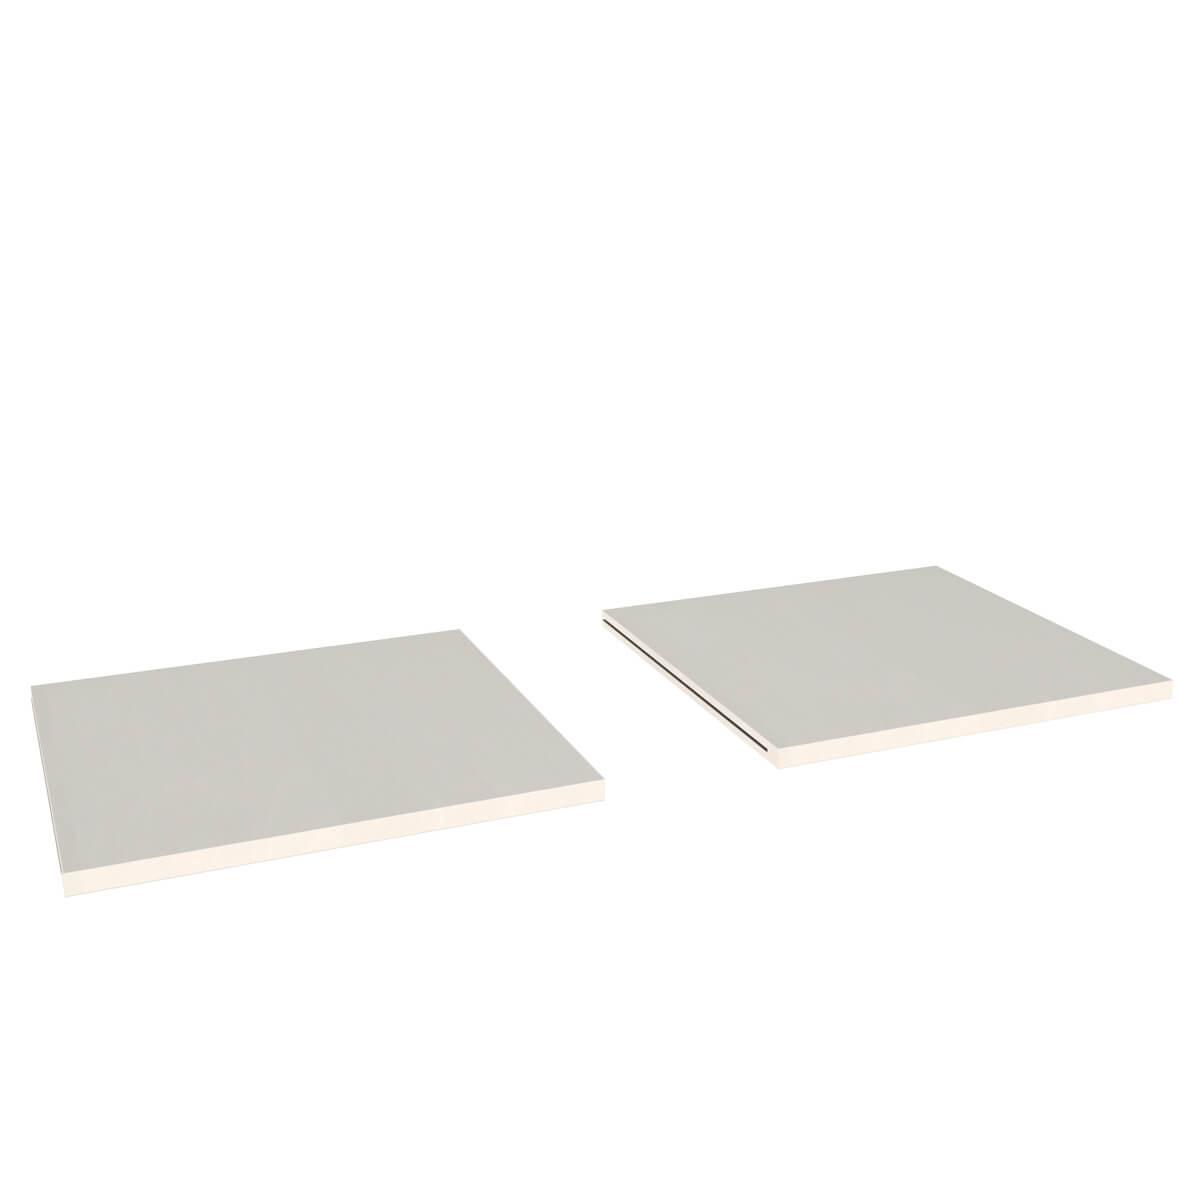 Regalboden 2er-Set DESTYLE Debreuyn  Buchenfurnierte Spanplatte weiß gebeizt-lackiert